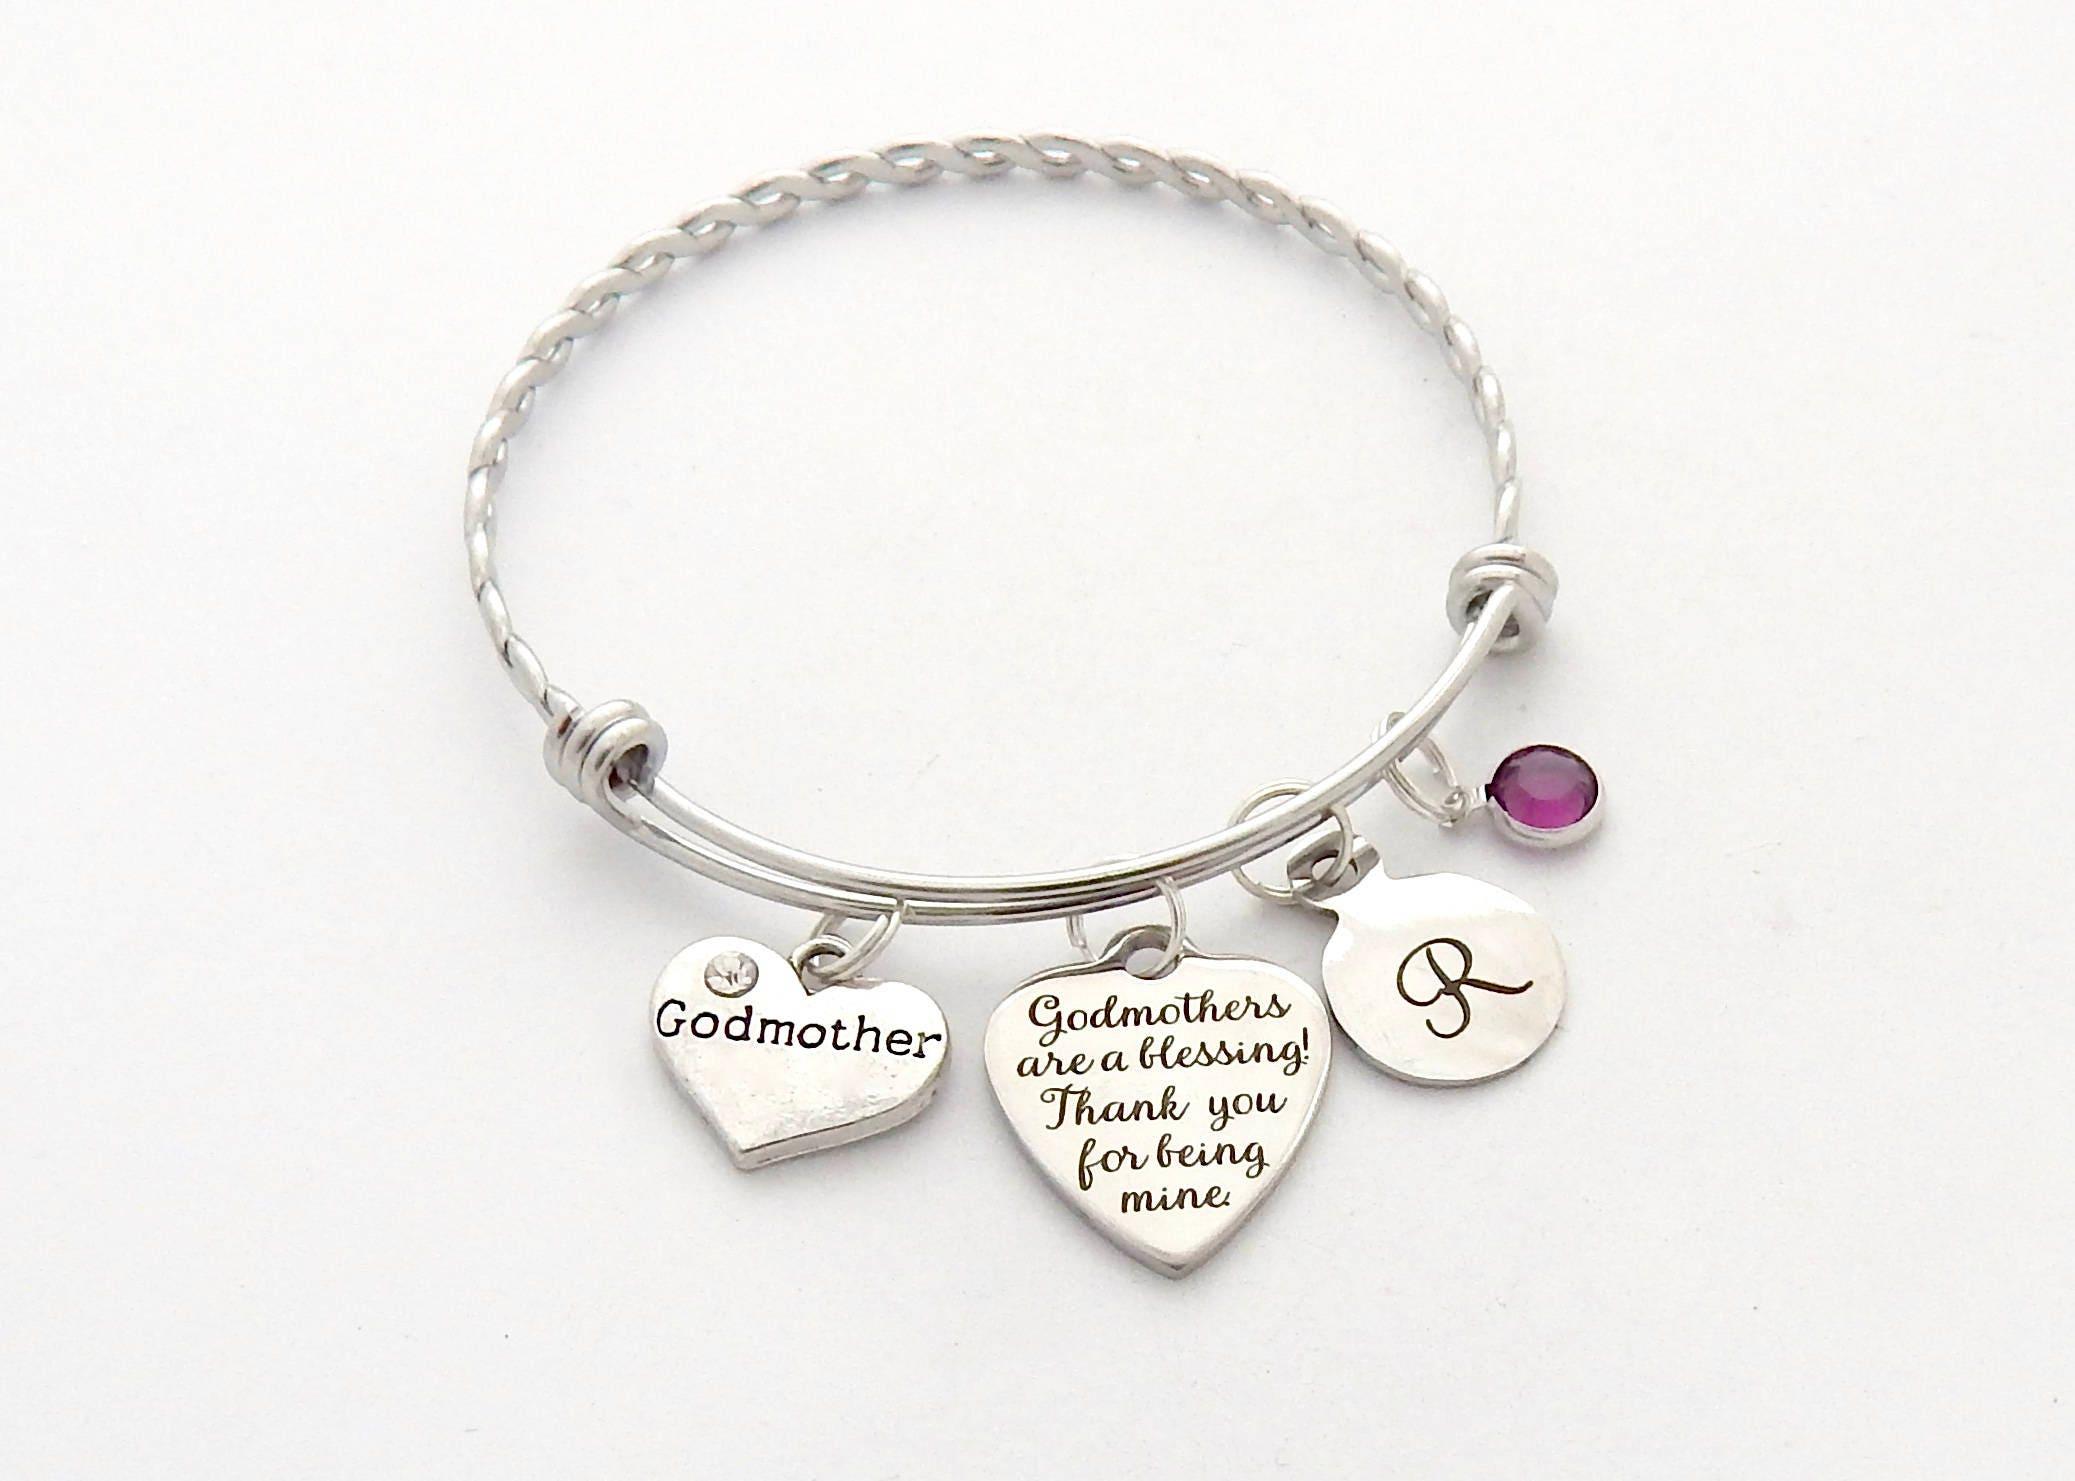 Godmother Gift Godson Gift Long Distance Gift: MARRAINE Cadeau Bracelet Marraine Cadeau De Filleul Cadeaux